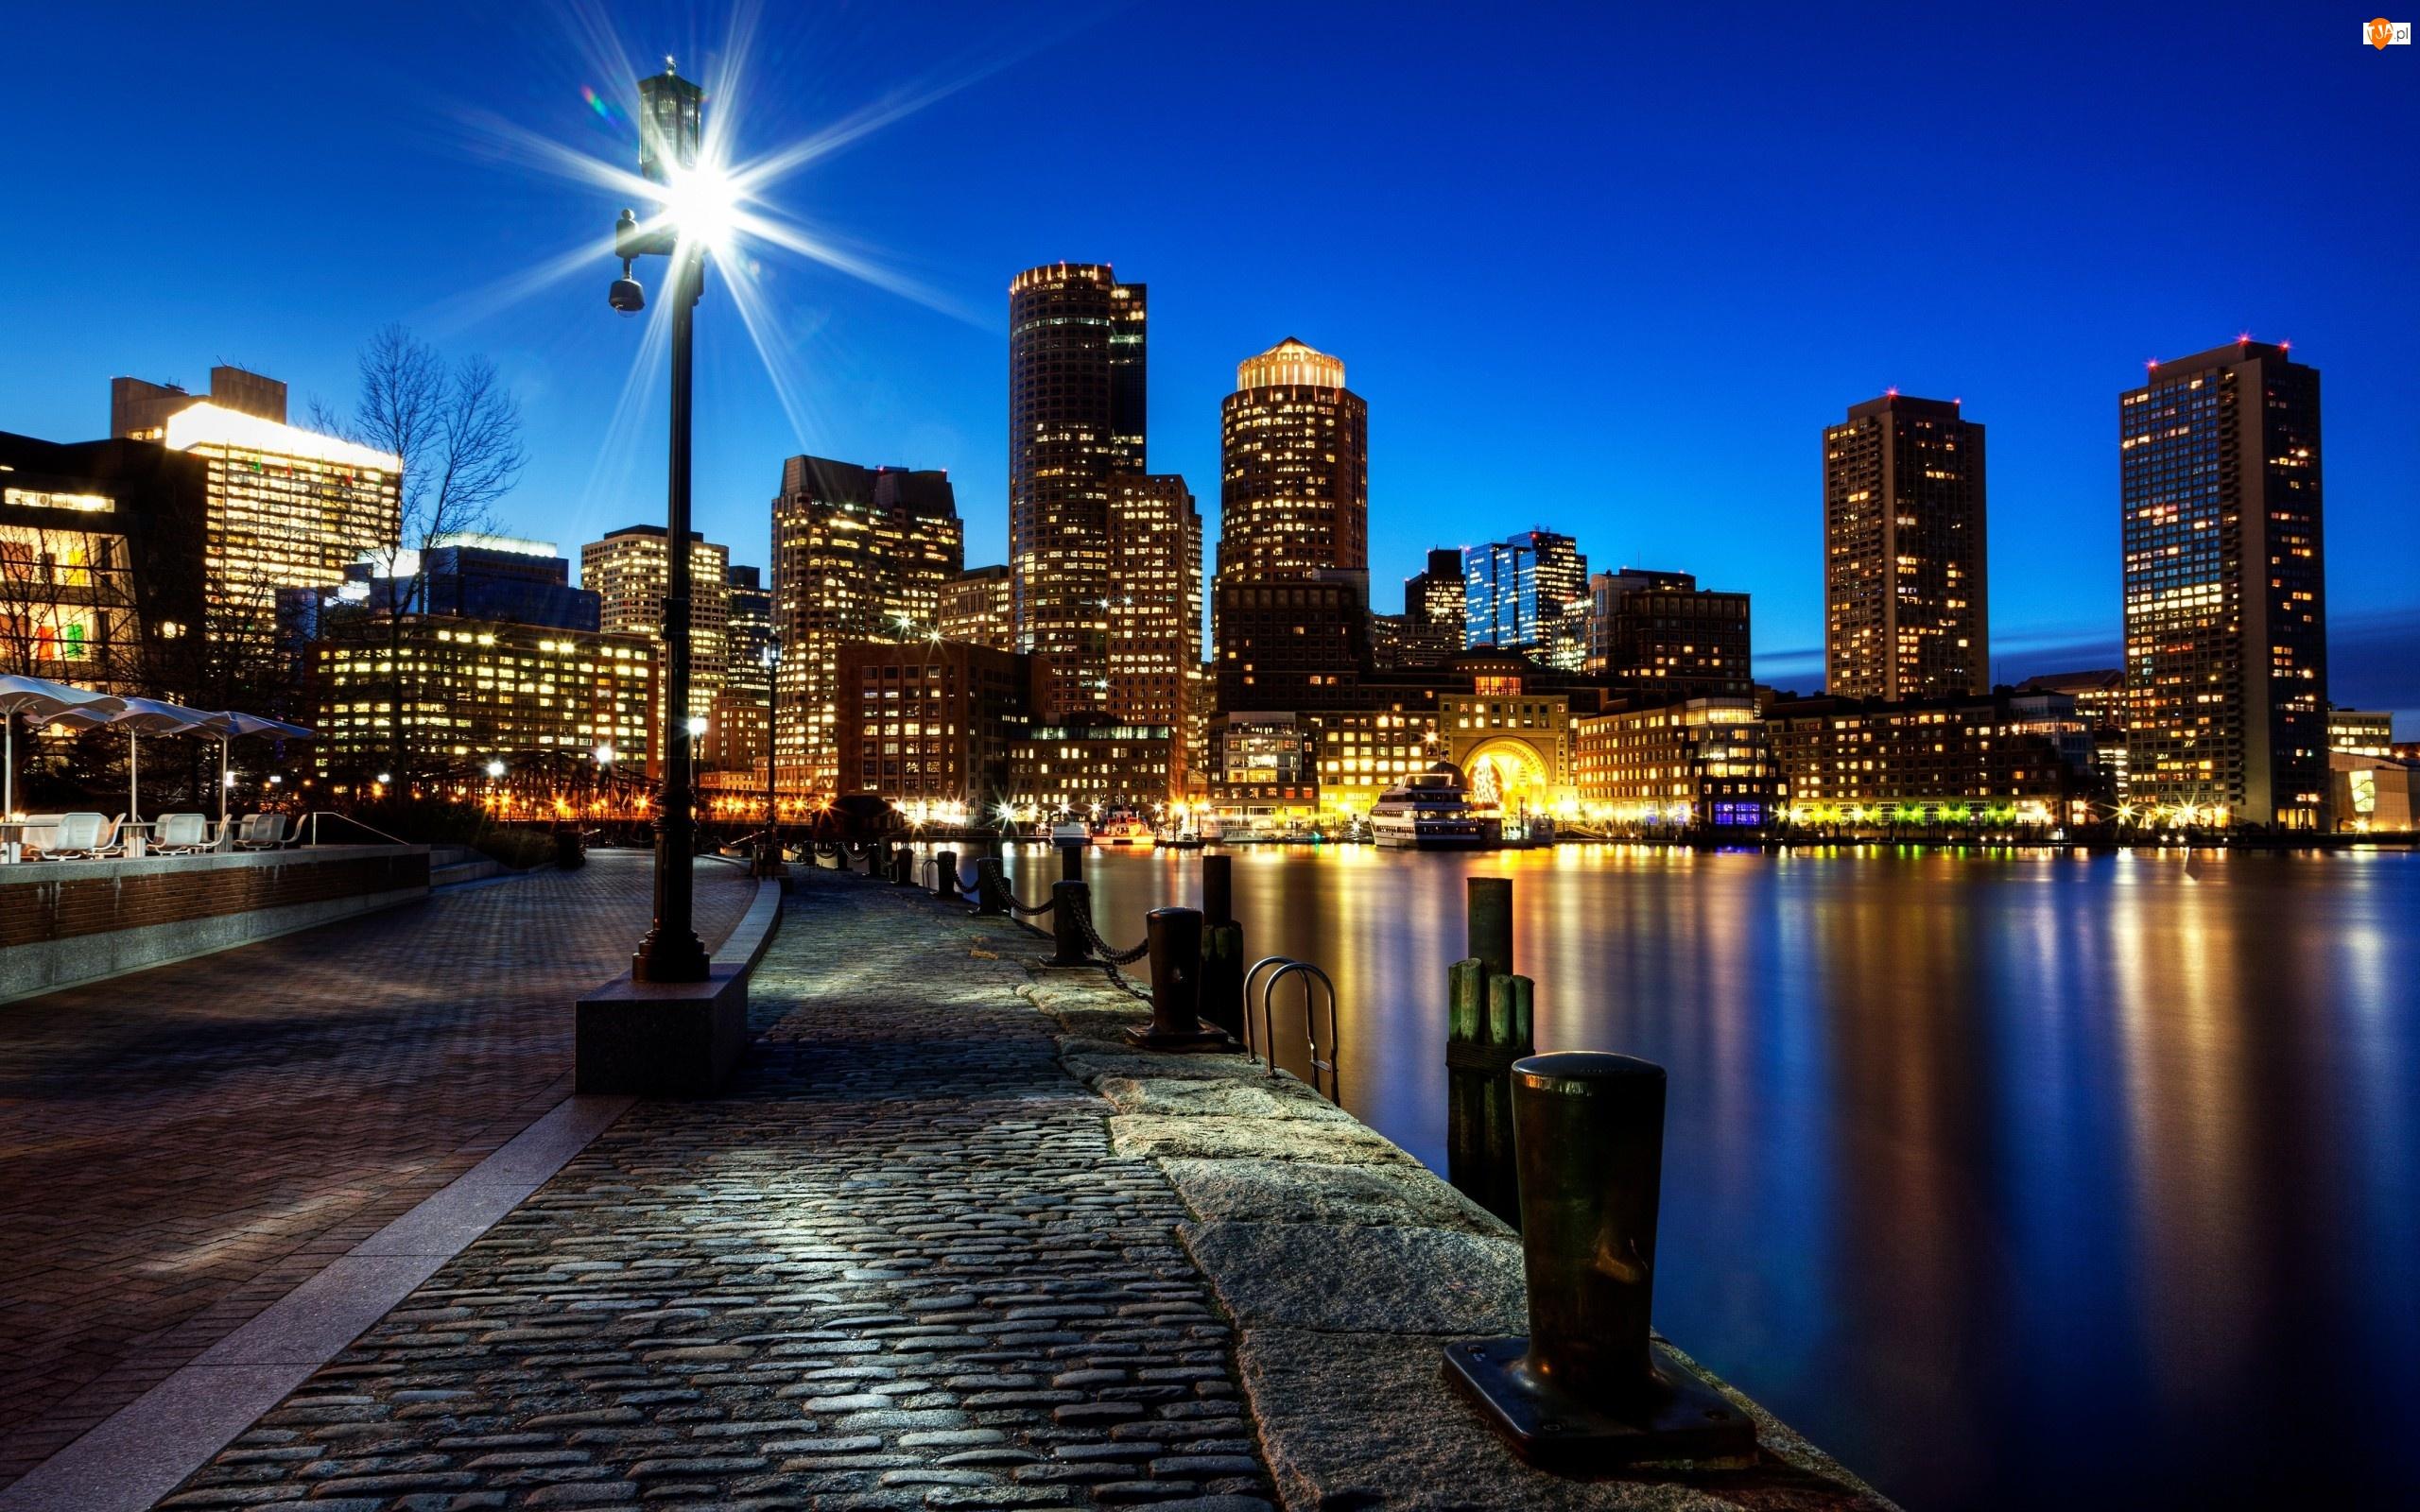 Stany Zjednoczone, Oświetlone, Miasto, Wieżowce, Boston